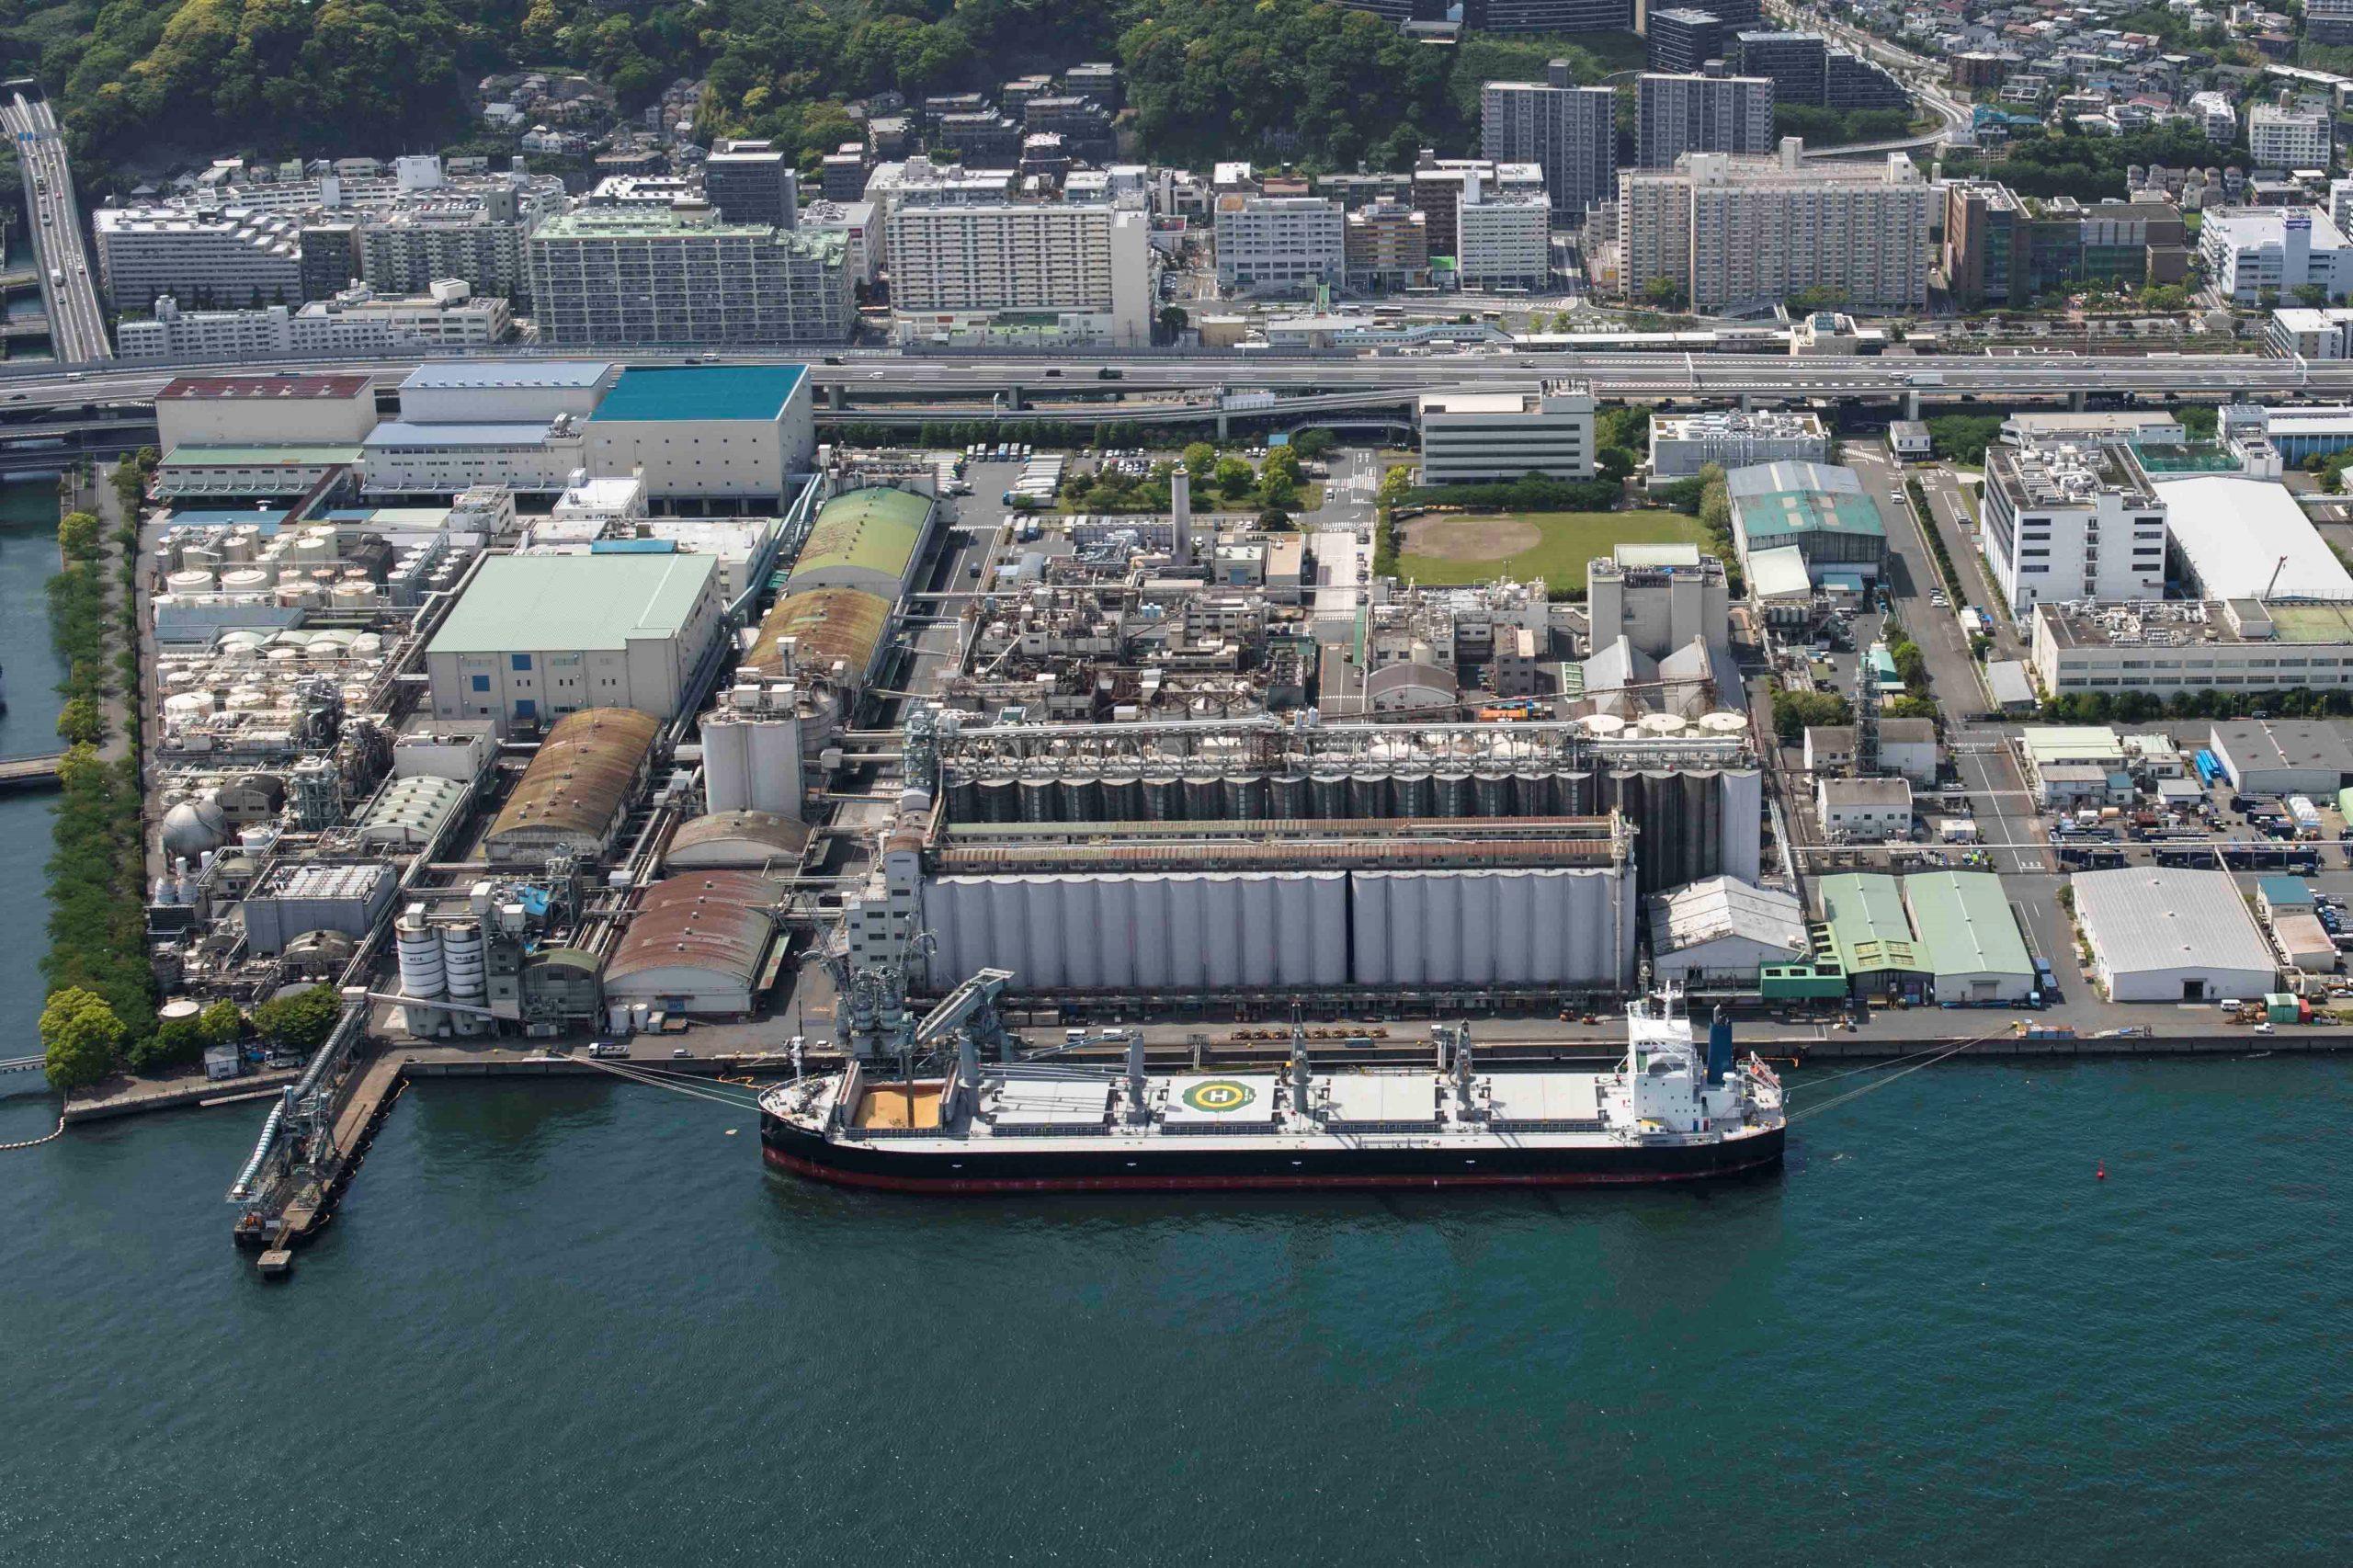 温室効果ガス排出量の削減に大きな実績 日清オイリオ横浜磯子事業場、2度目の「ヨコハマ温暖化対策賞」